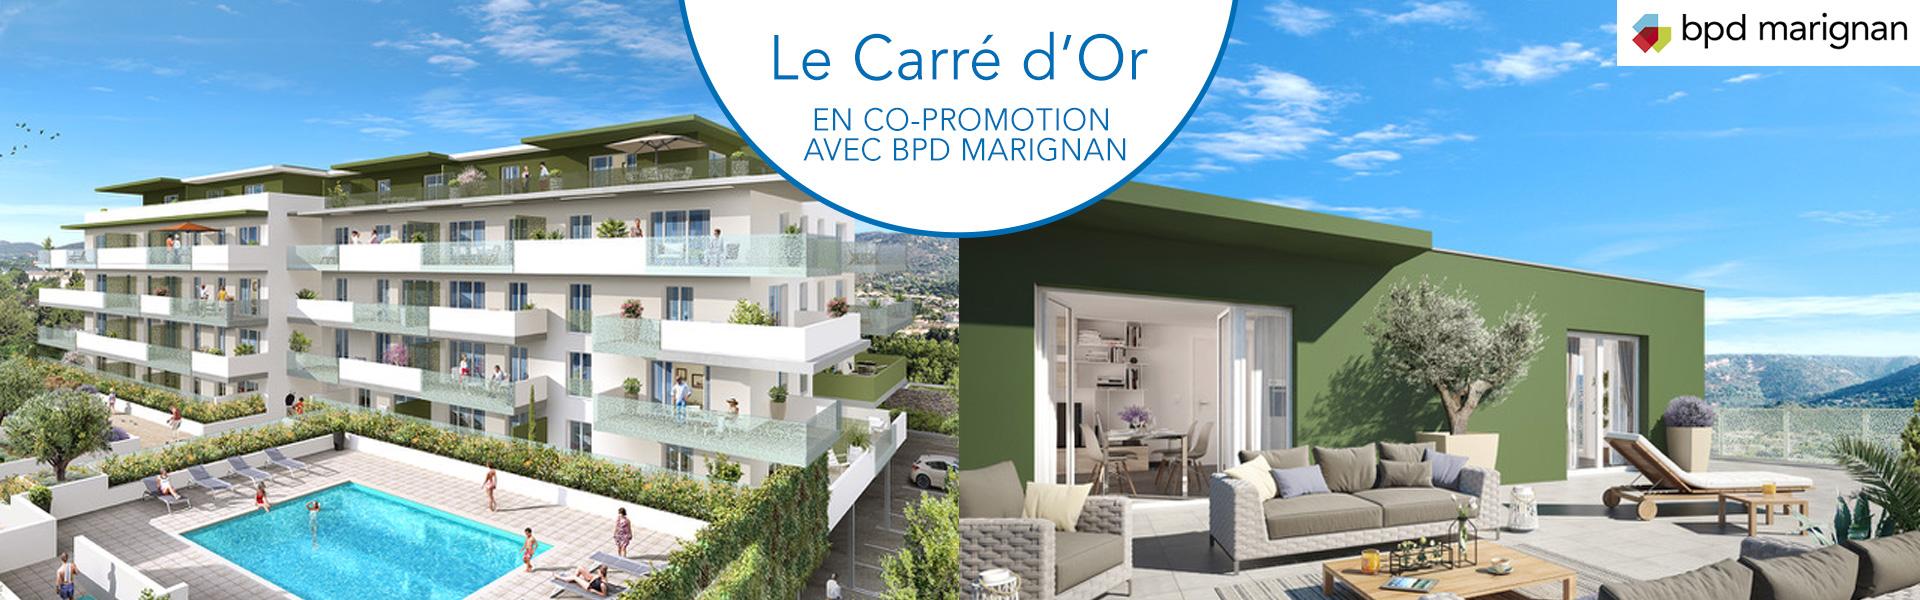 Résidence immobilière Le Carré d'or - le Lavandou - Var - 83